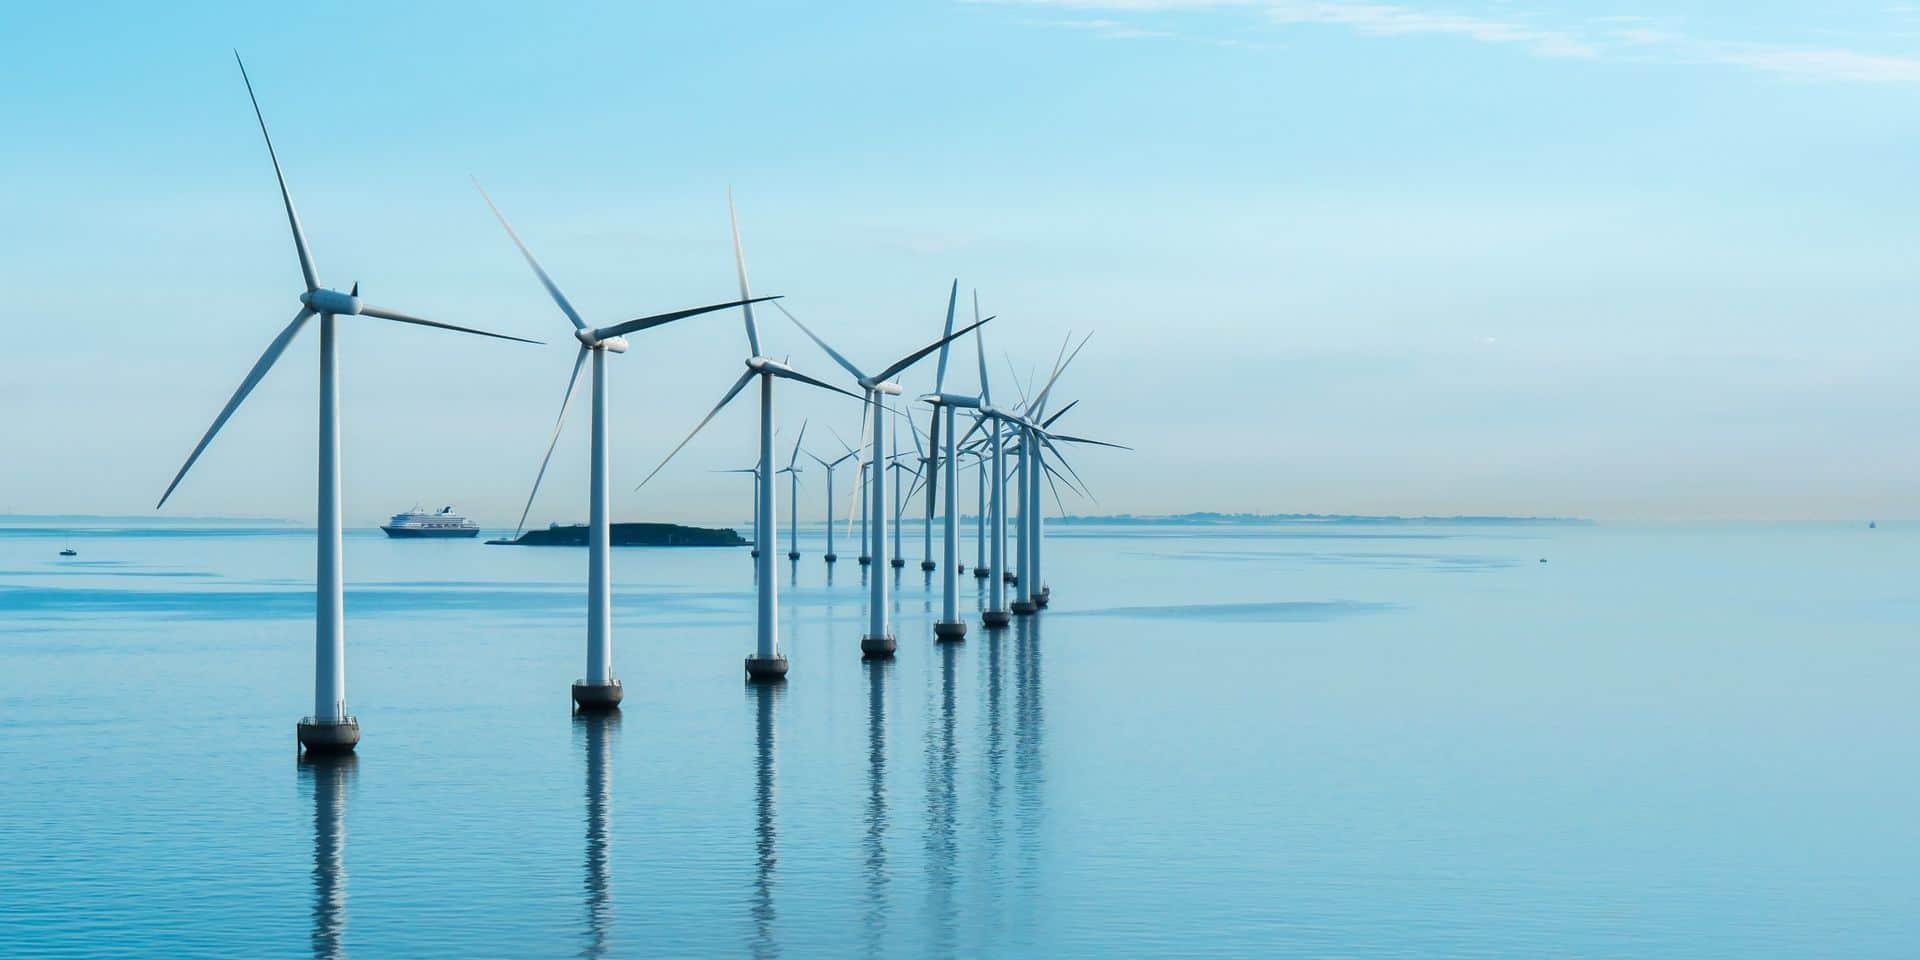 Le projet mené par EDF et RTE comptera 46 très hautes éoliennes sur une superficie de 55 km. (Illu.)